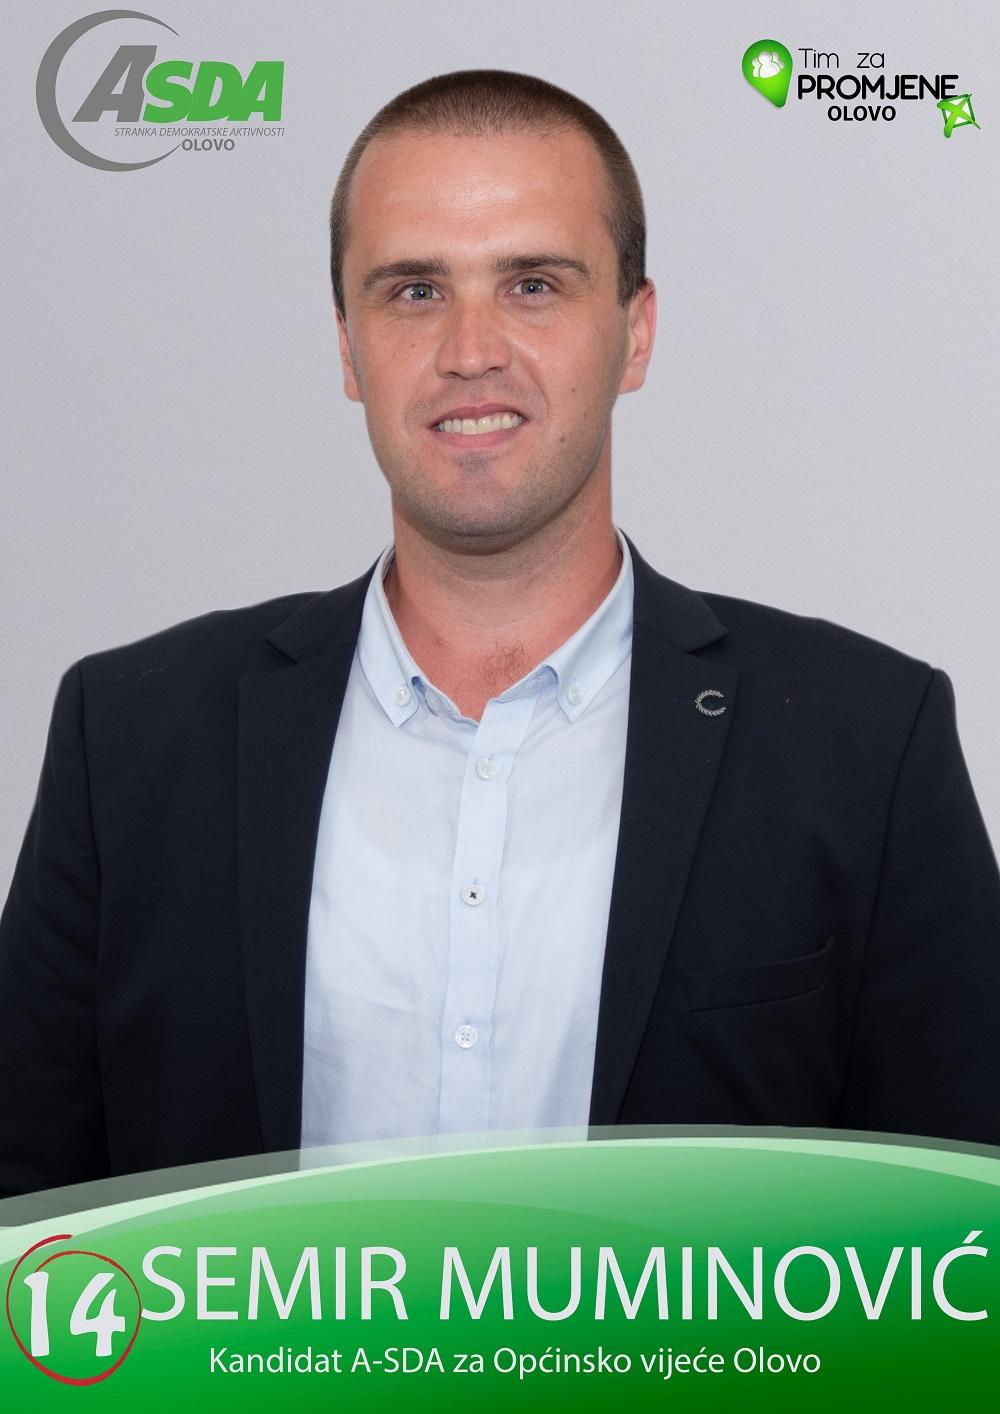 Semir Muminović